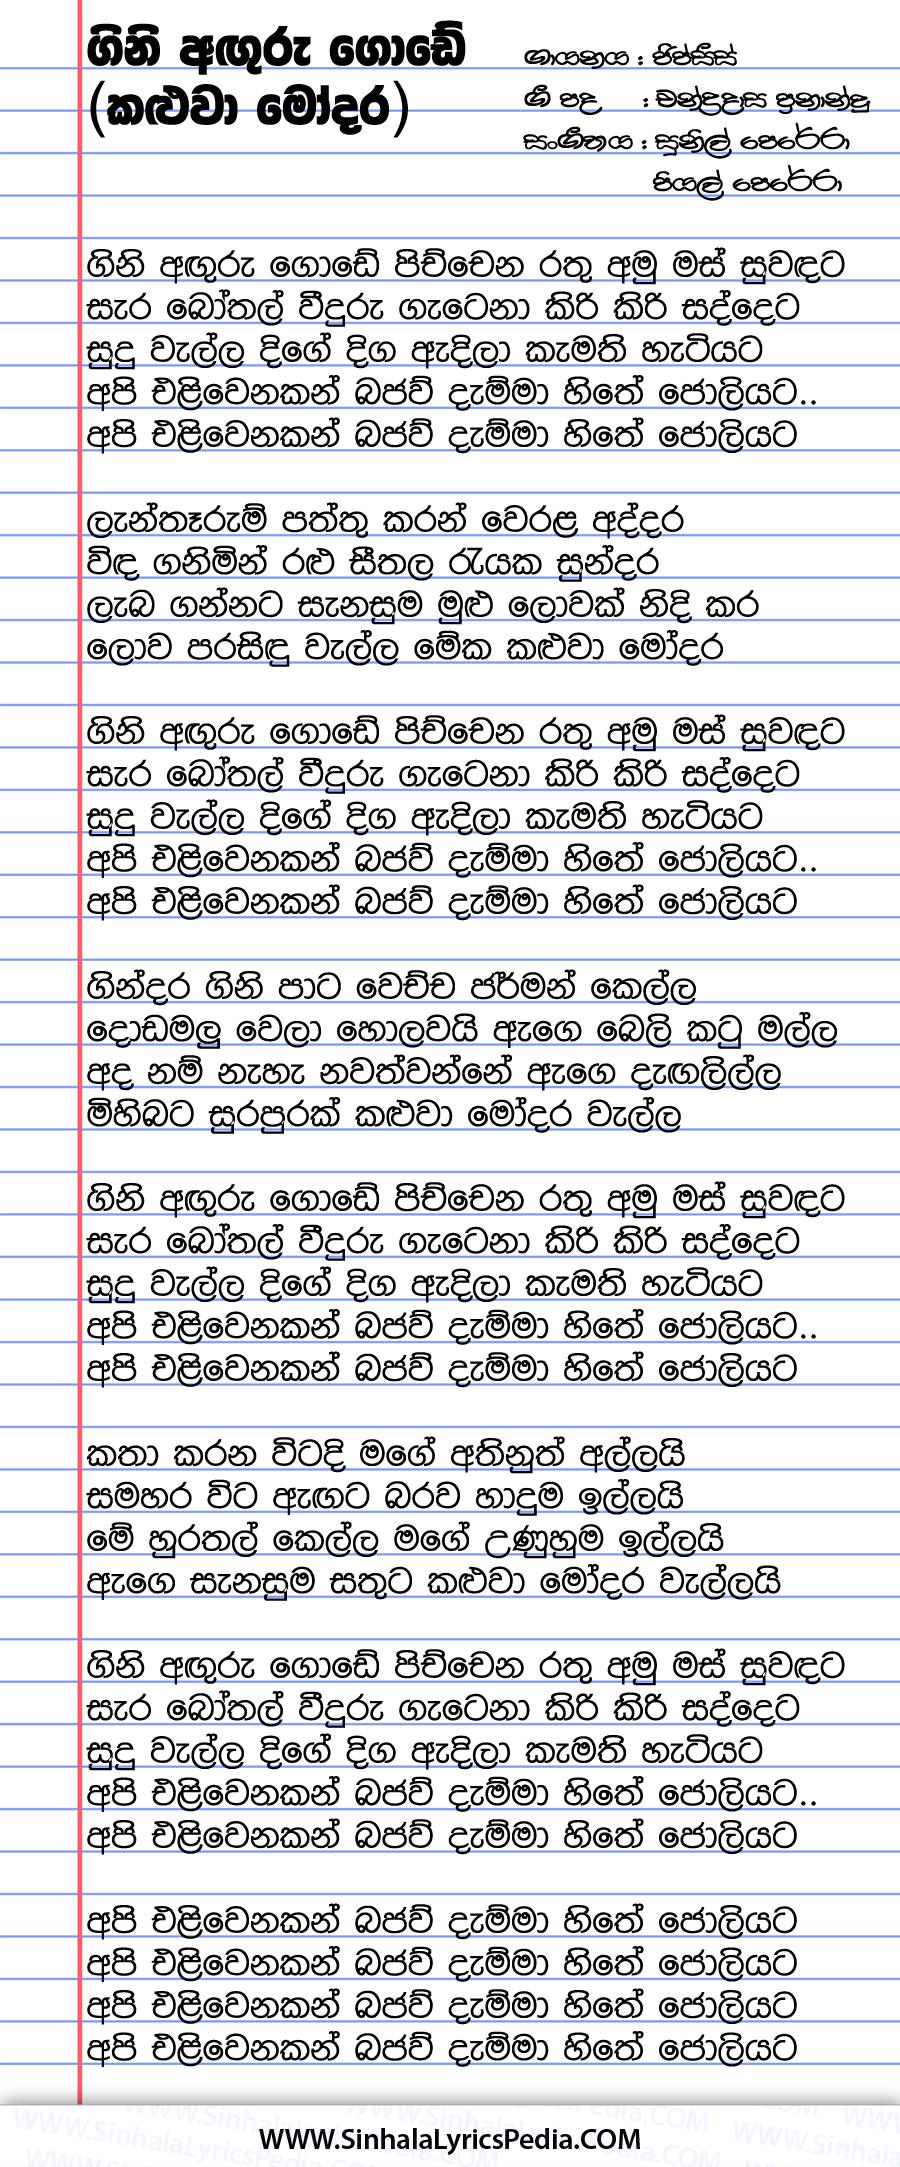 Gini Anguru Gode (Kaluwa Modara) Song Lyrics